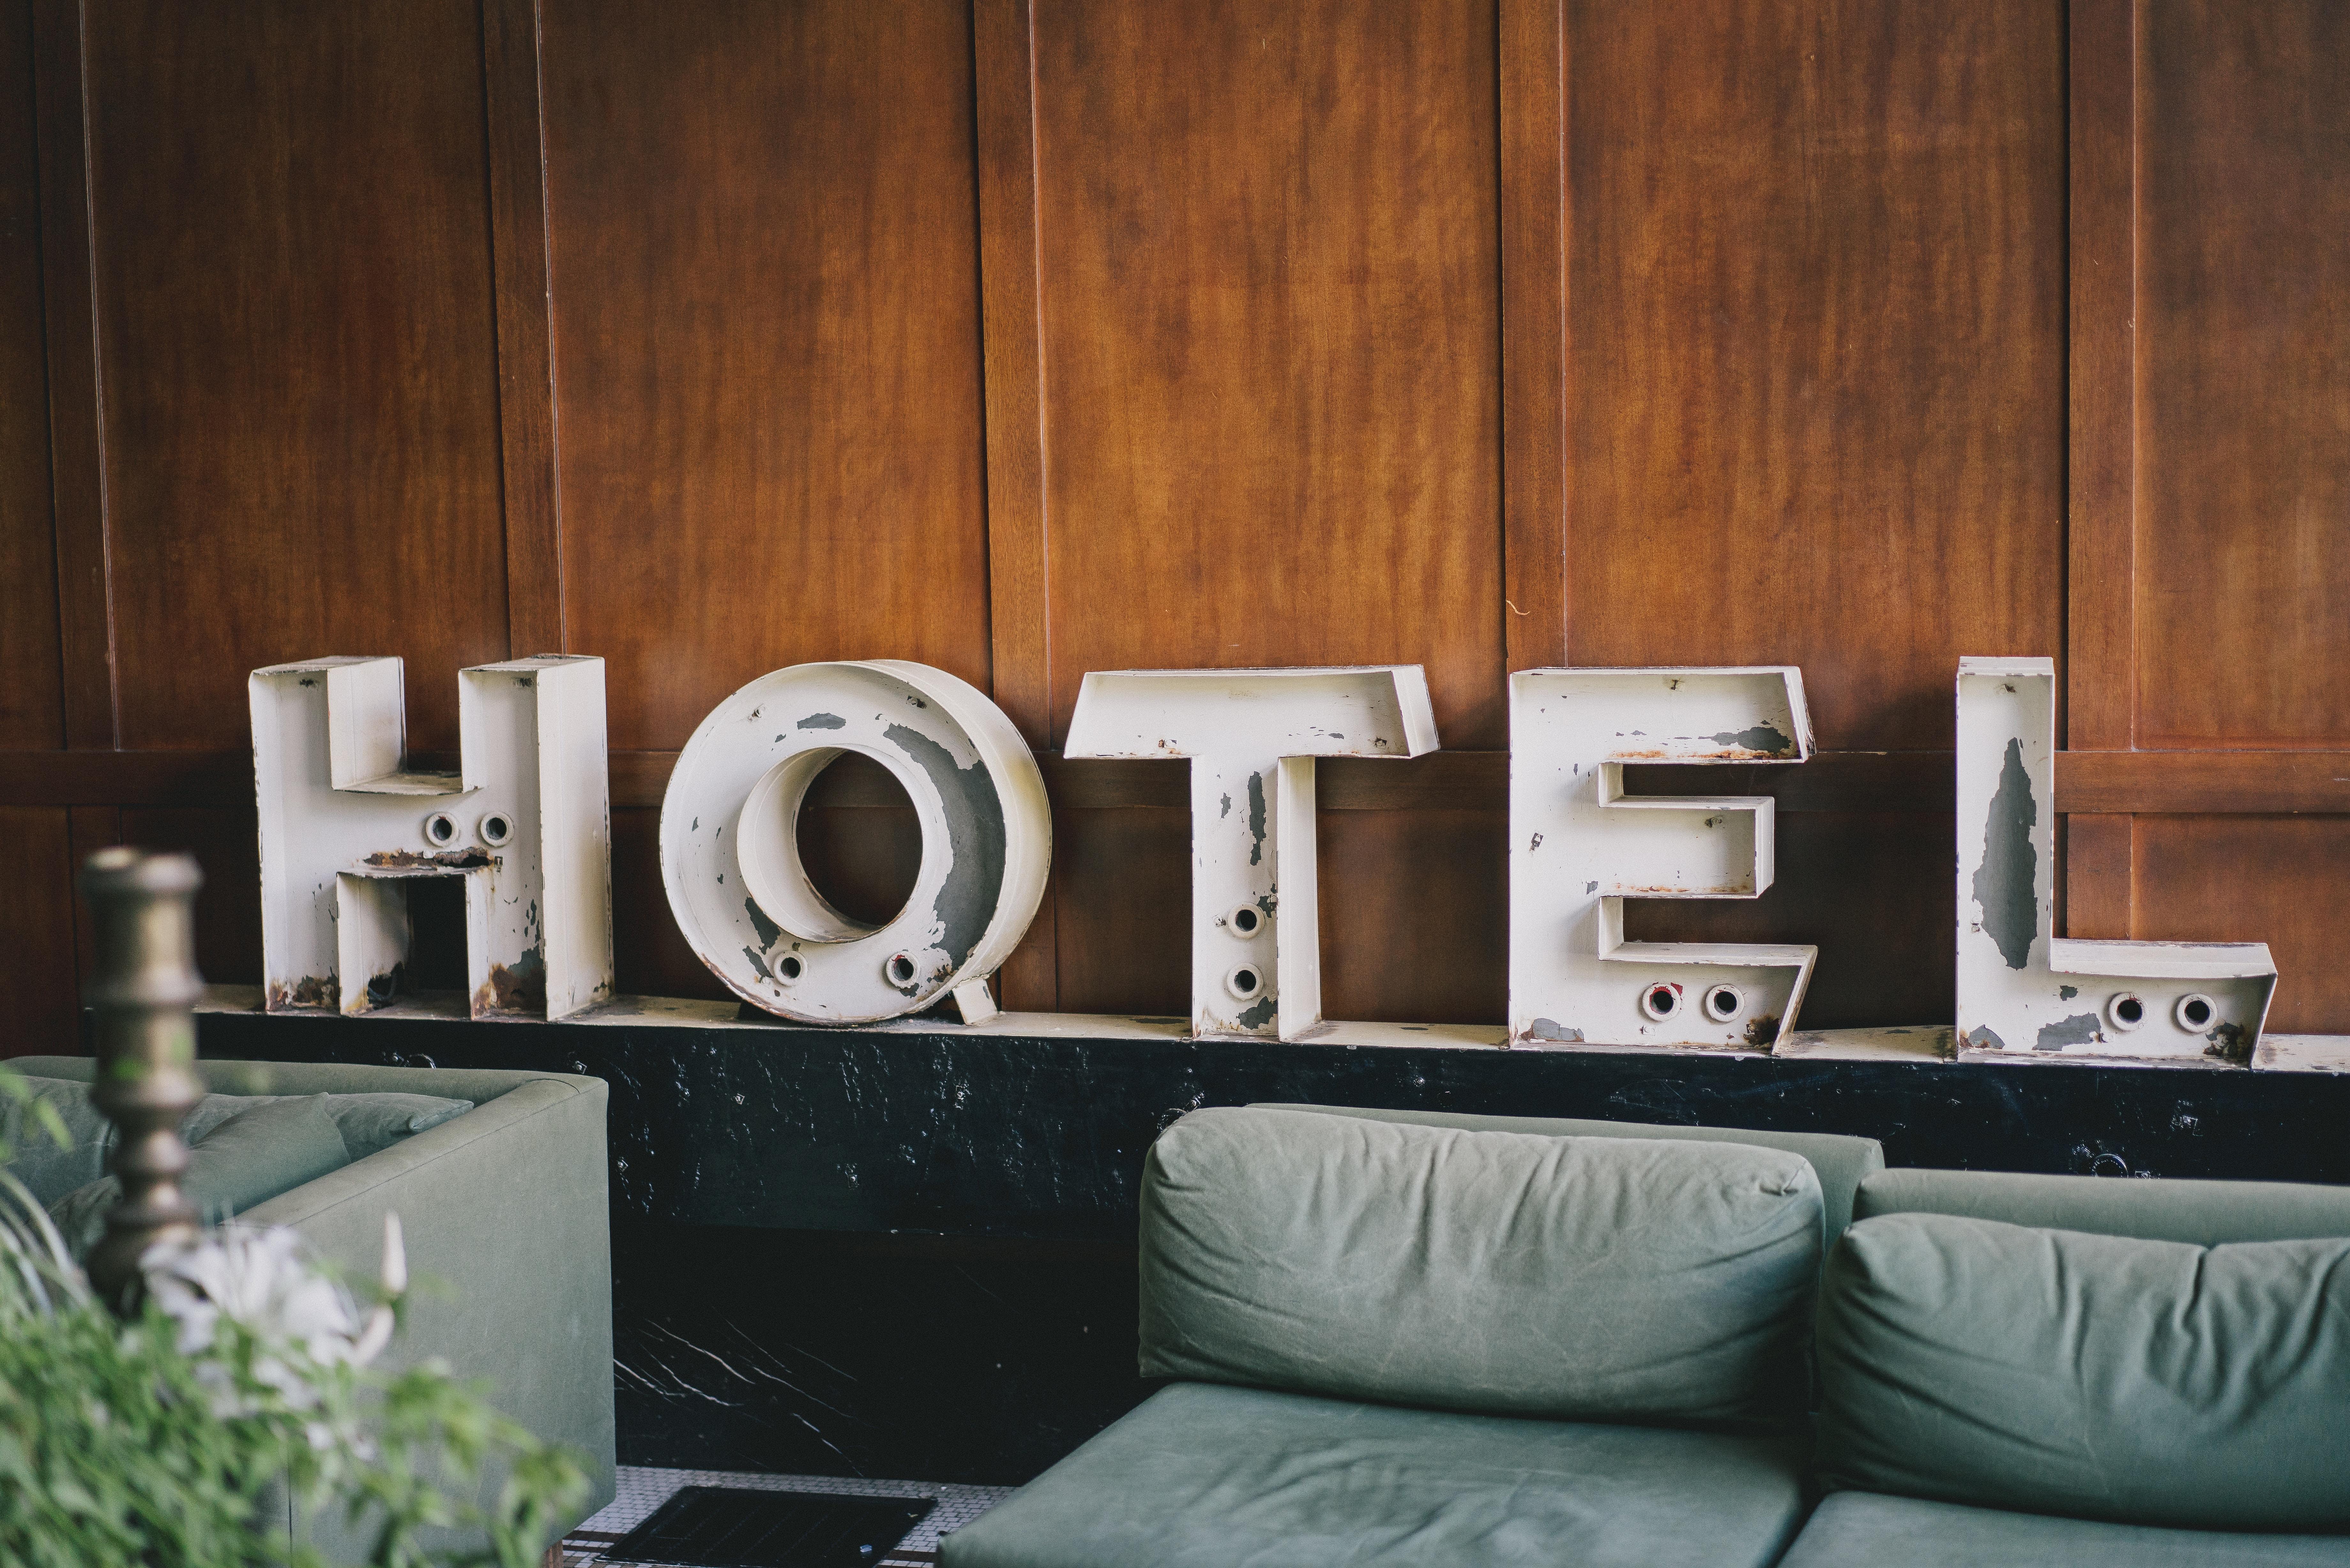 Quel hébergement choisir pour ses vacances ?